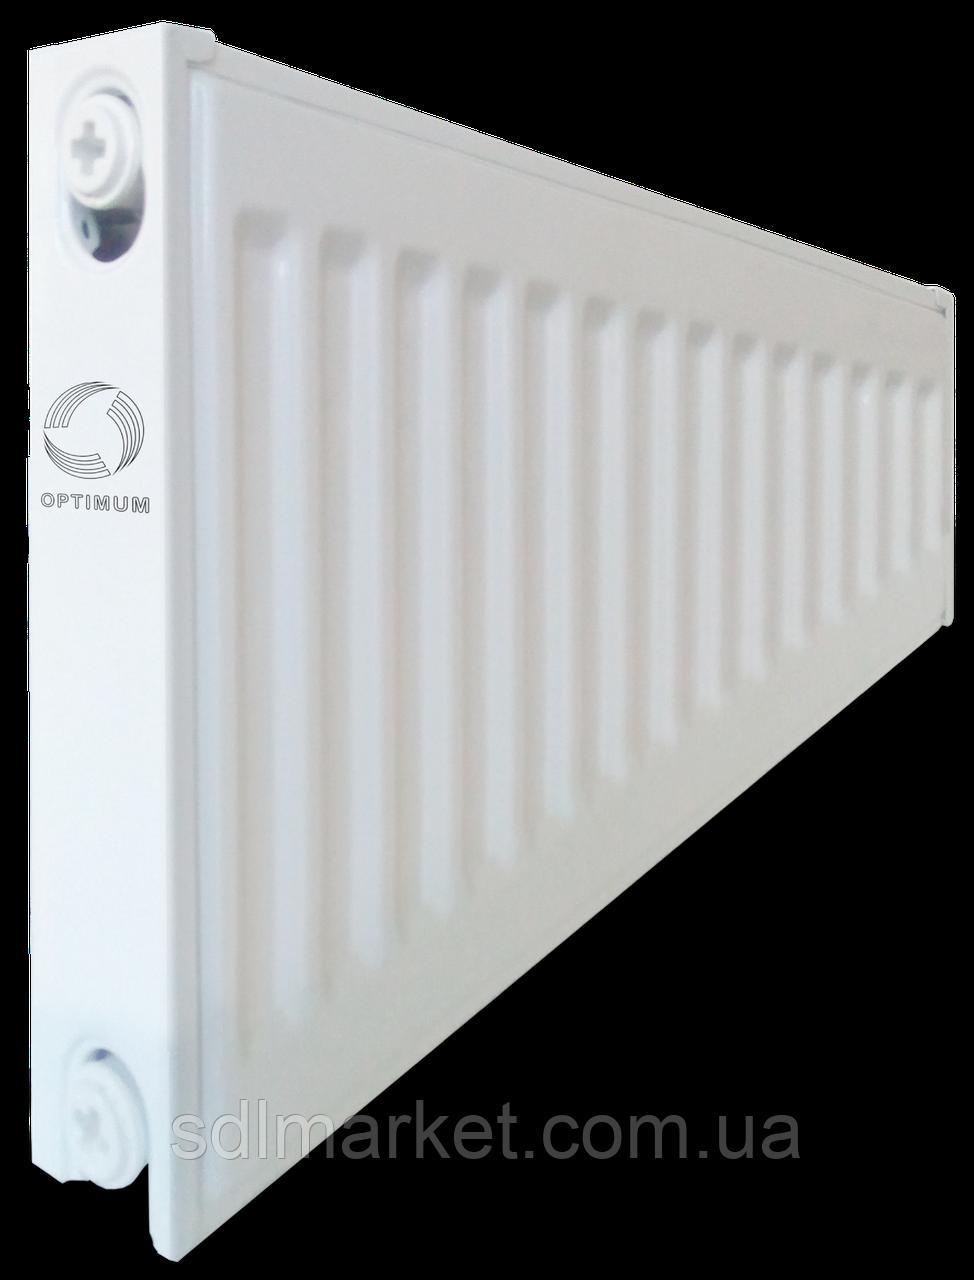 Радиатор стальной панельный OPTIMUM 11 бок 300х2400